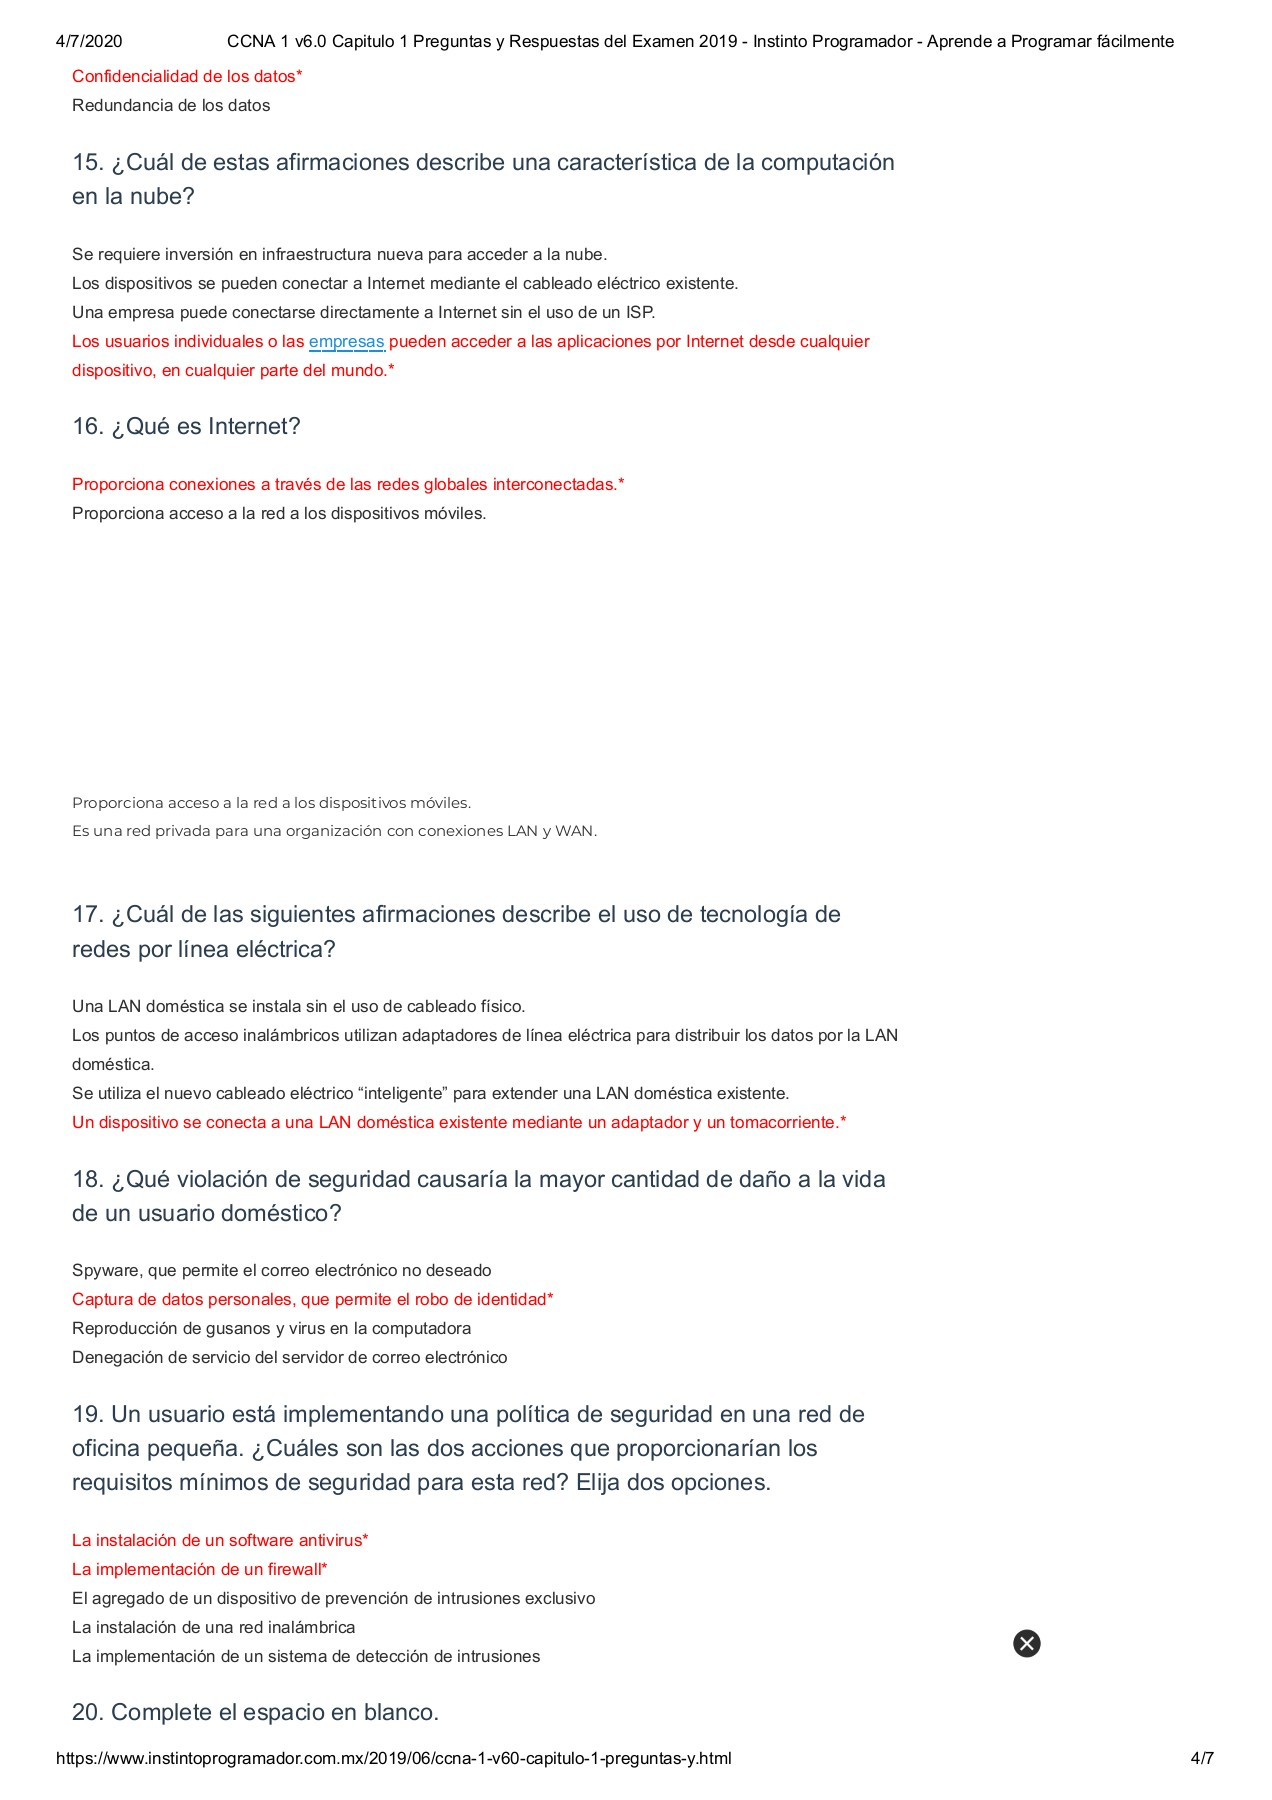 Ccna 1 V6 0 Capitulo 1 Preguntas Y Respuestas Del Examen 2019 Instinto Programador Aprende A Programar Facilmente Flip Book Pages 1 7 Pubhtml5